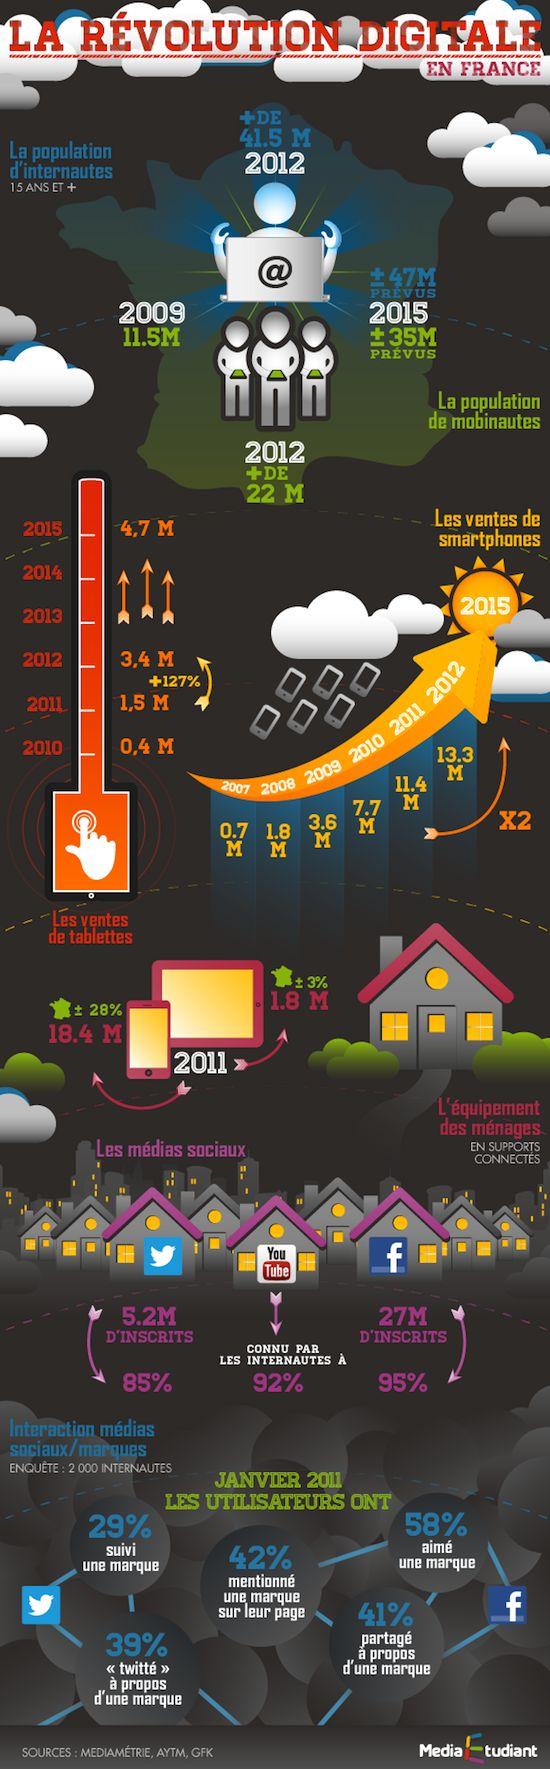 La révolution digitale en France. N'est-il pas temps de rejoindre le mouvement ? Révolutionnez votre entreprise avec Sinfonía Marketing. #reseauxsociaux #infographics #infographiques #marketingreseauxsociaux #marketingenreseauxsociaux